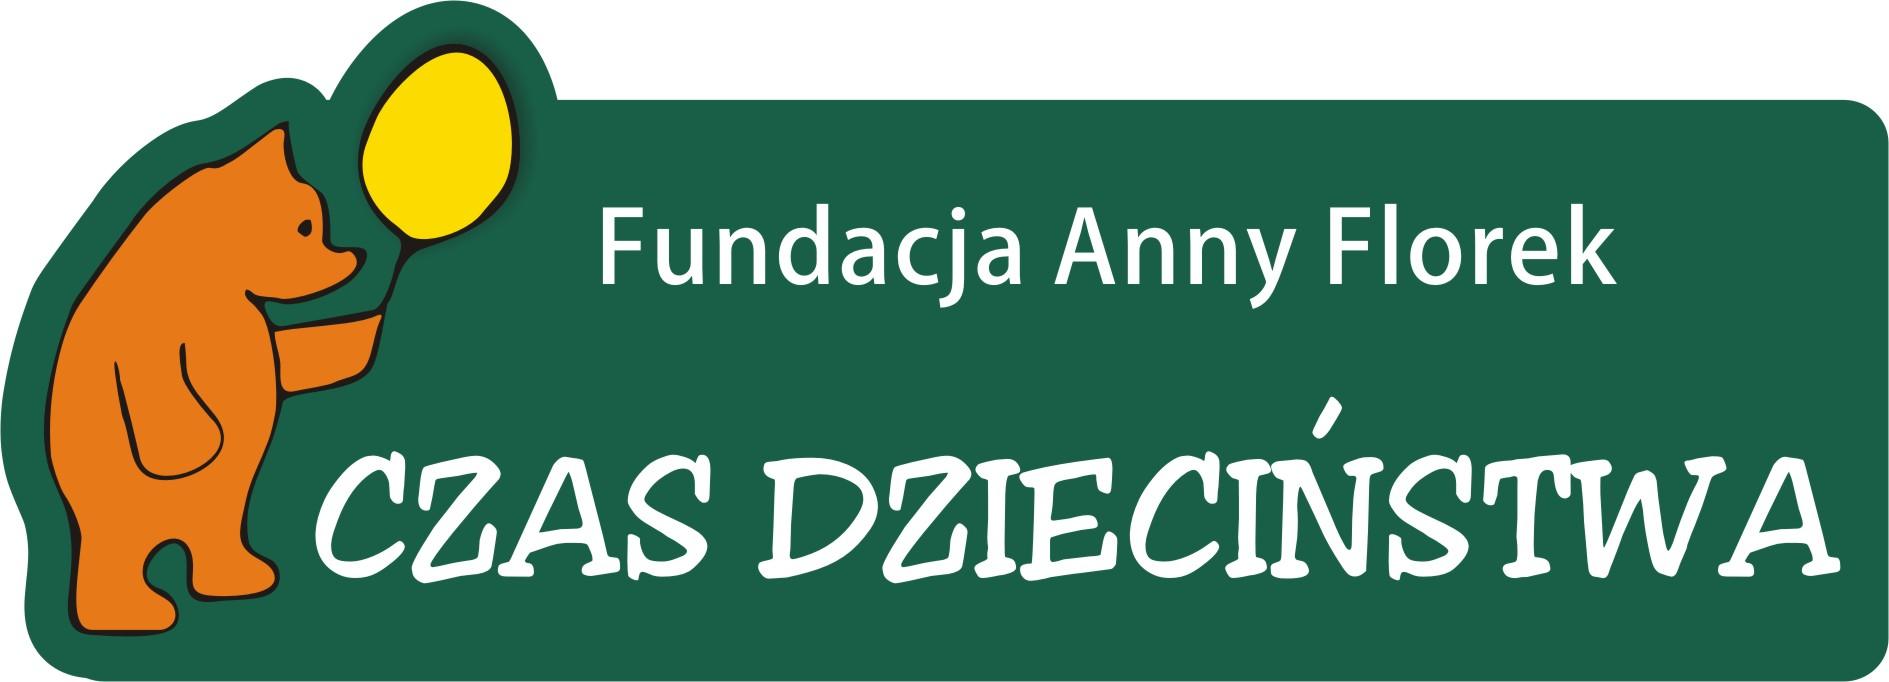 Logo Fundacji CZAS DZIECIŃSTWA